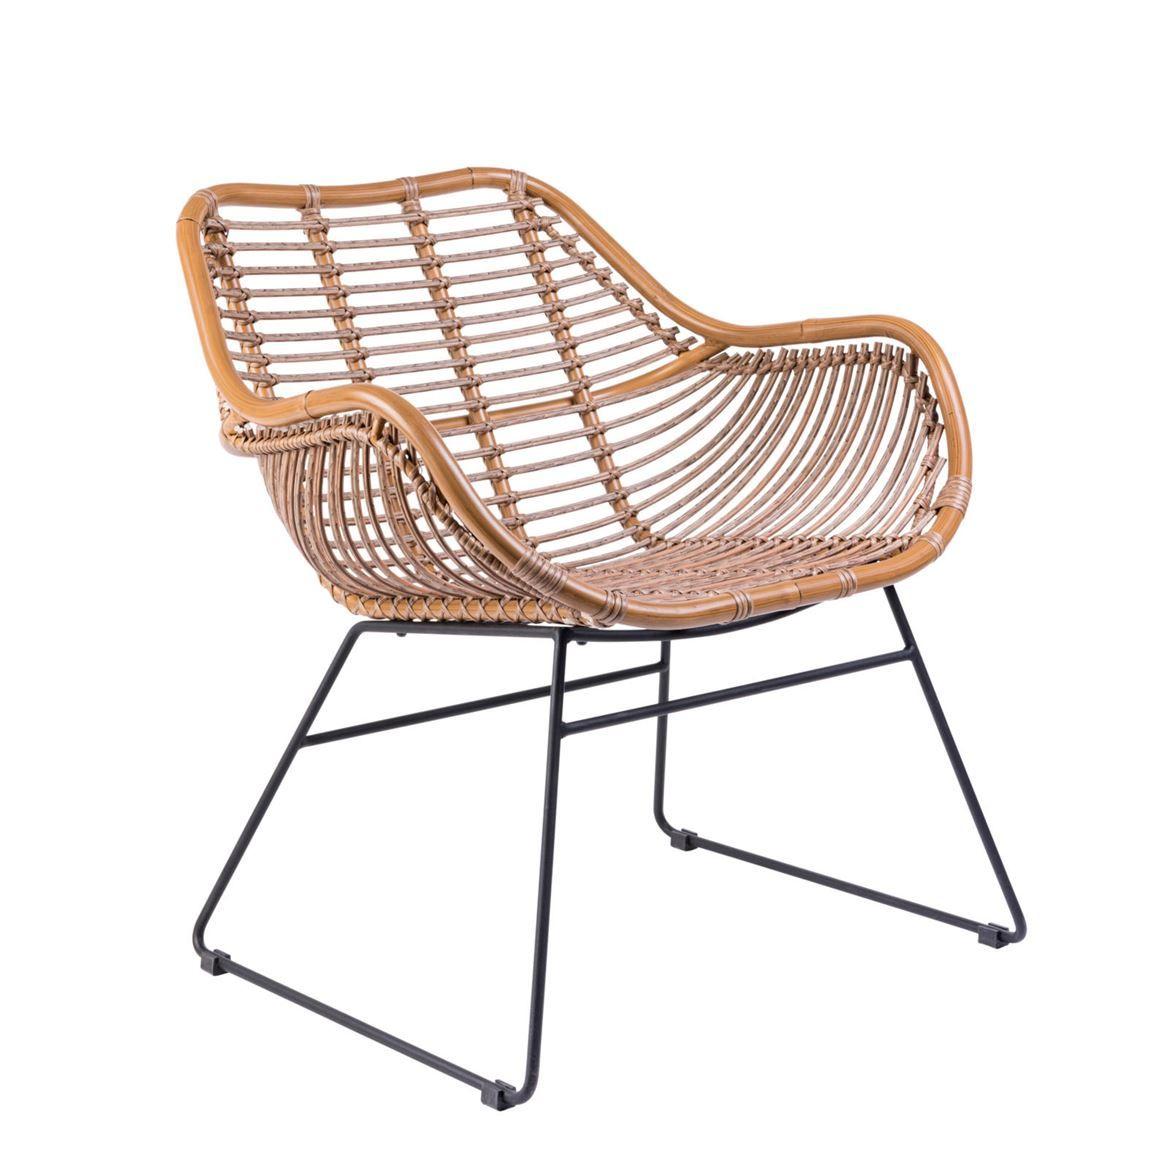 Lombok Chaise Lounge Naturel H 78 X Larg. 68 X P 67 Cm ... encequiconcerne Chaise De Jardin Casa